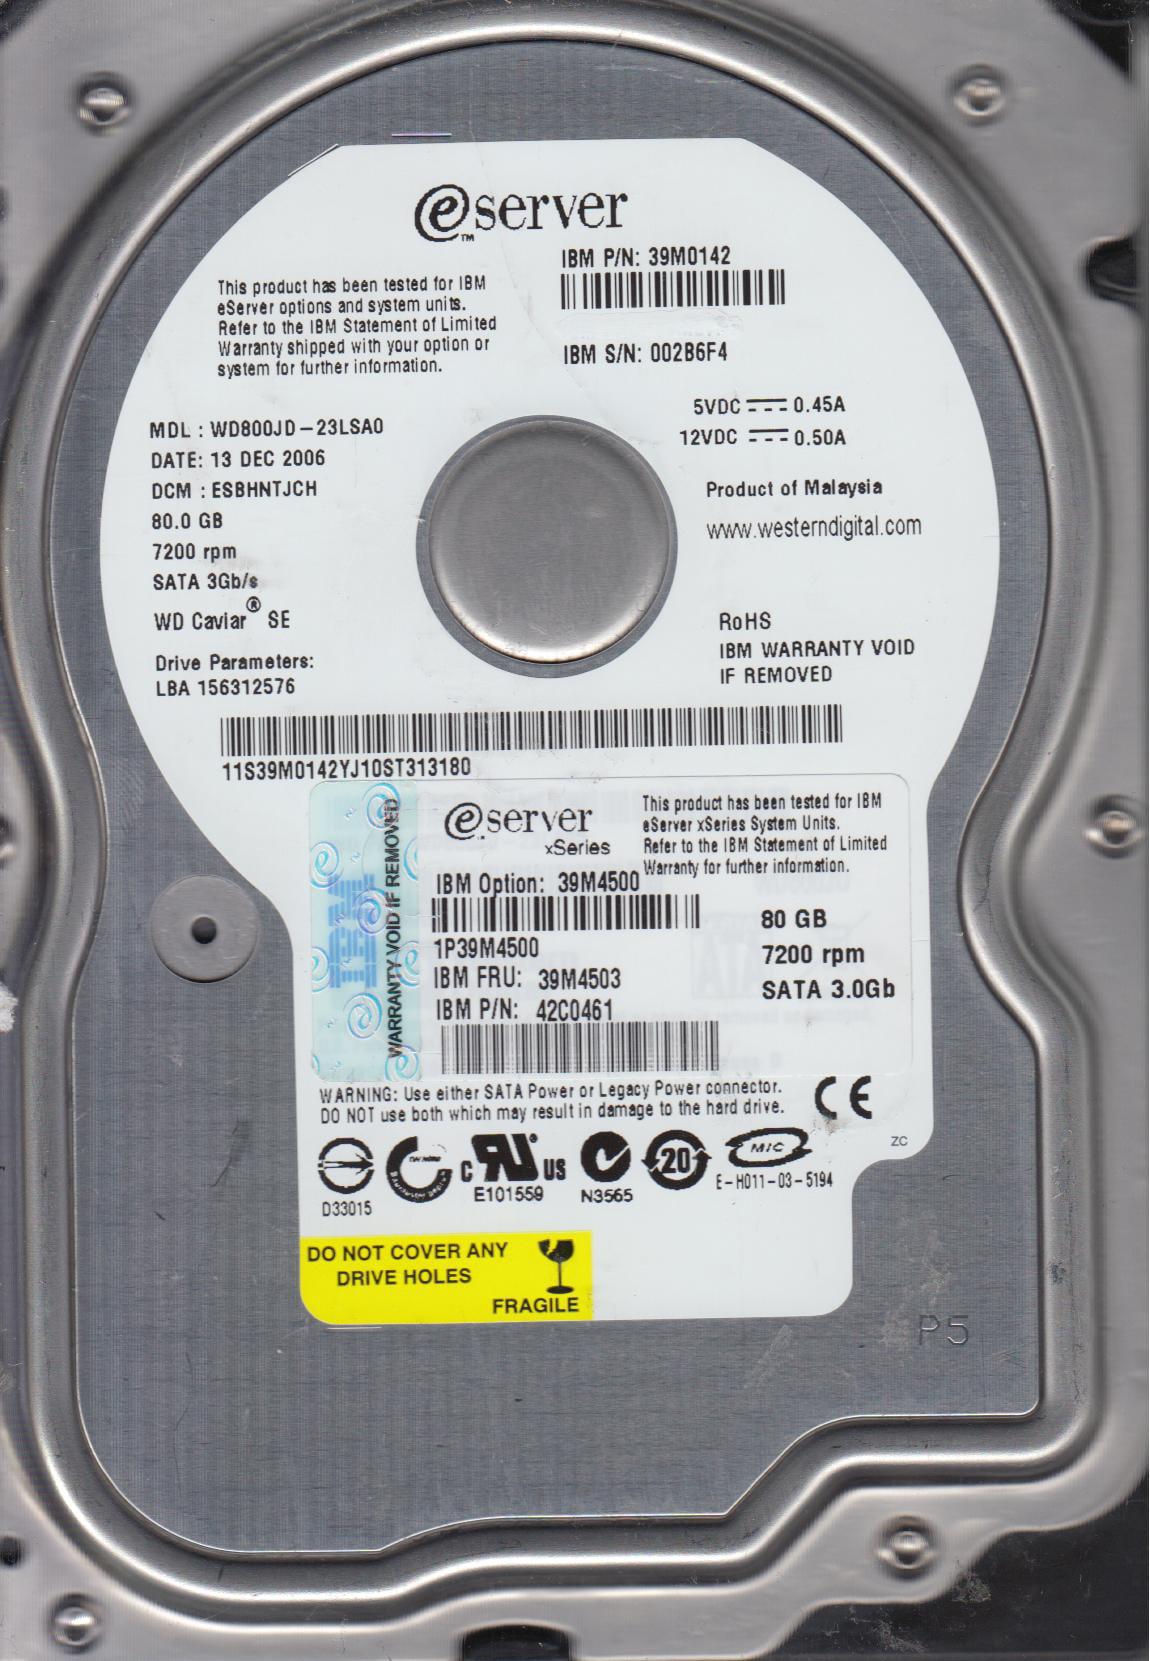 Western Digital eServer WD800JD-23LSA0 80GB 7200RPM SATA Hard Drive